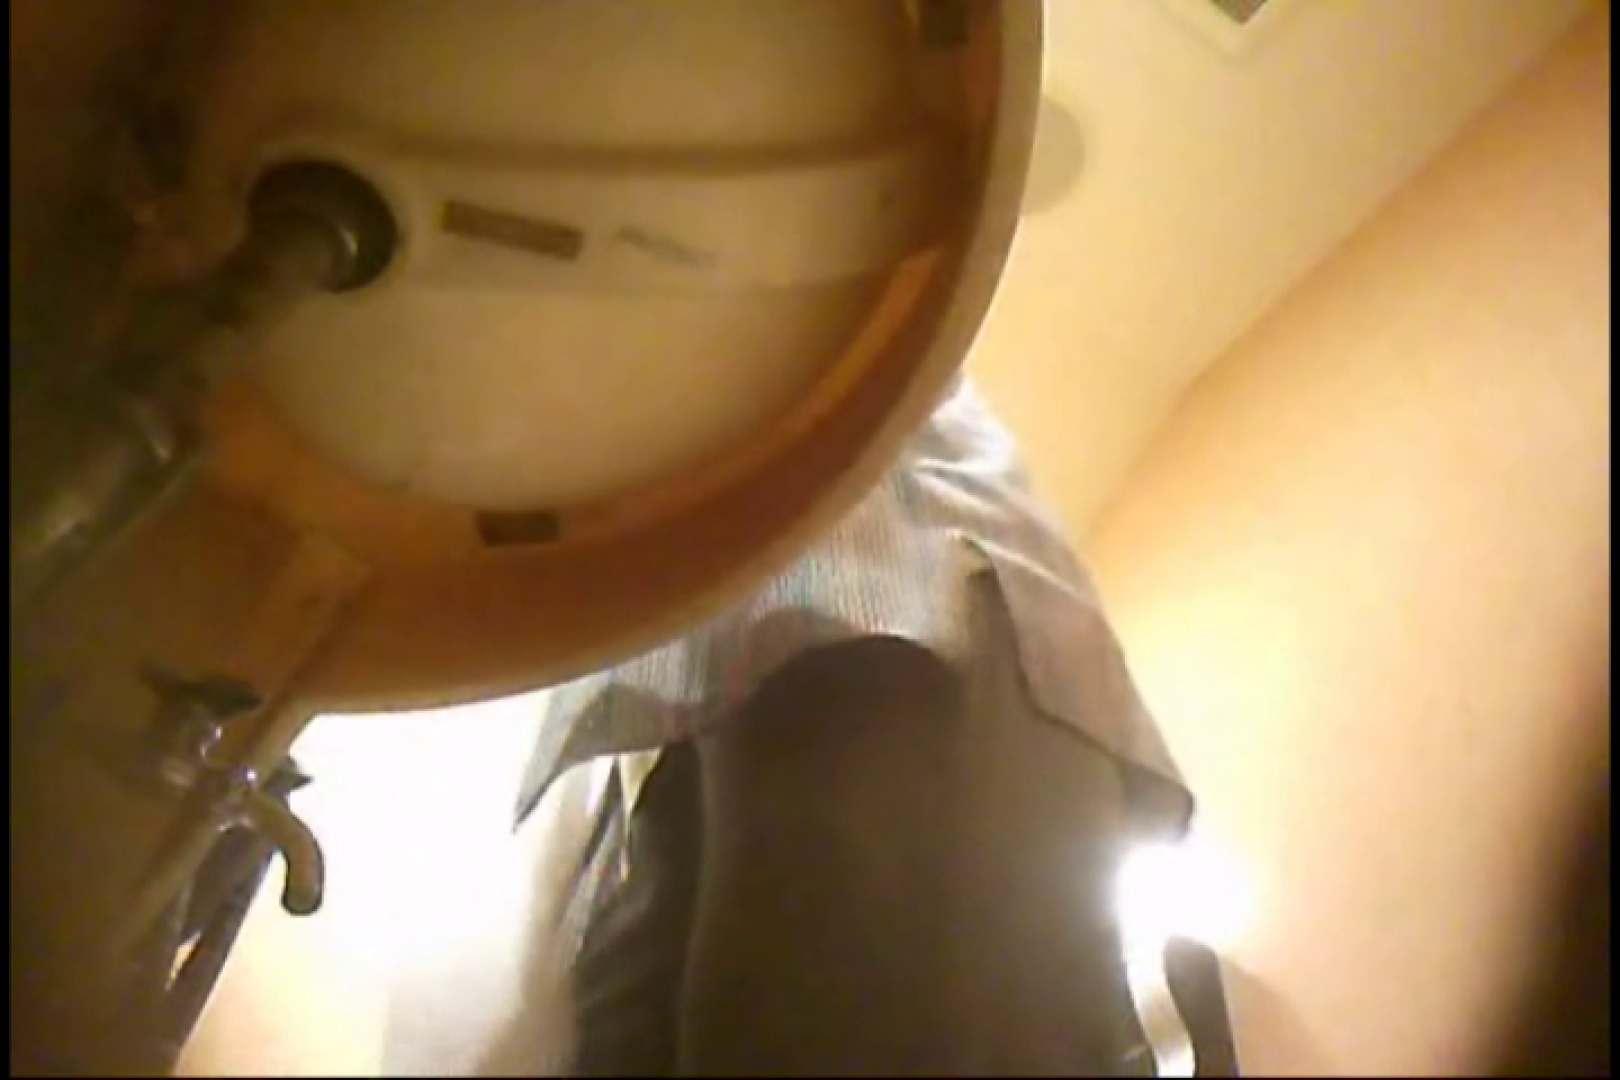 潜入!!女子化粧室盗撮~絶対見られたくない時間~vo,130 熟女のエロ動画 ヌード画像 100PIX 26